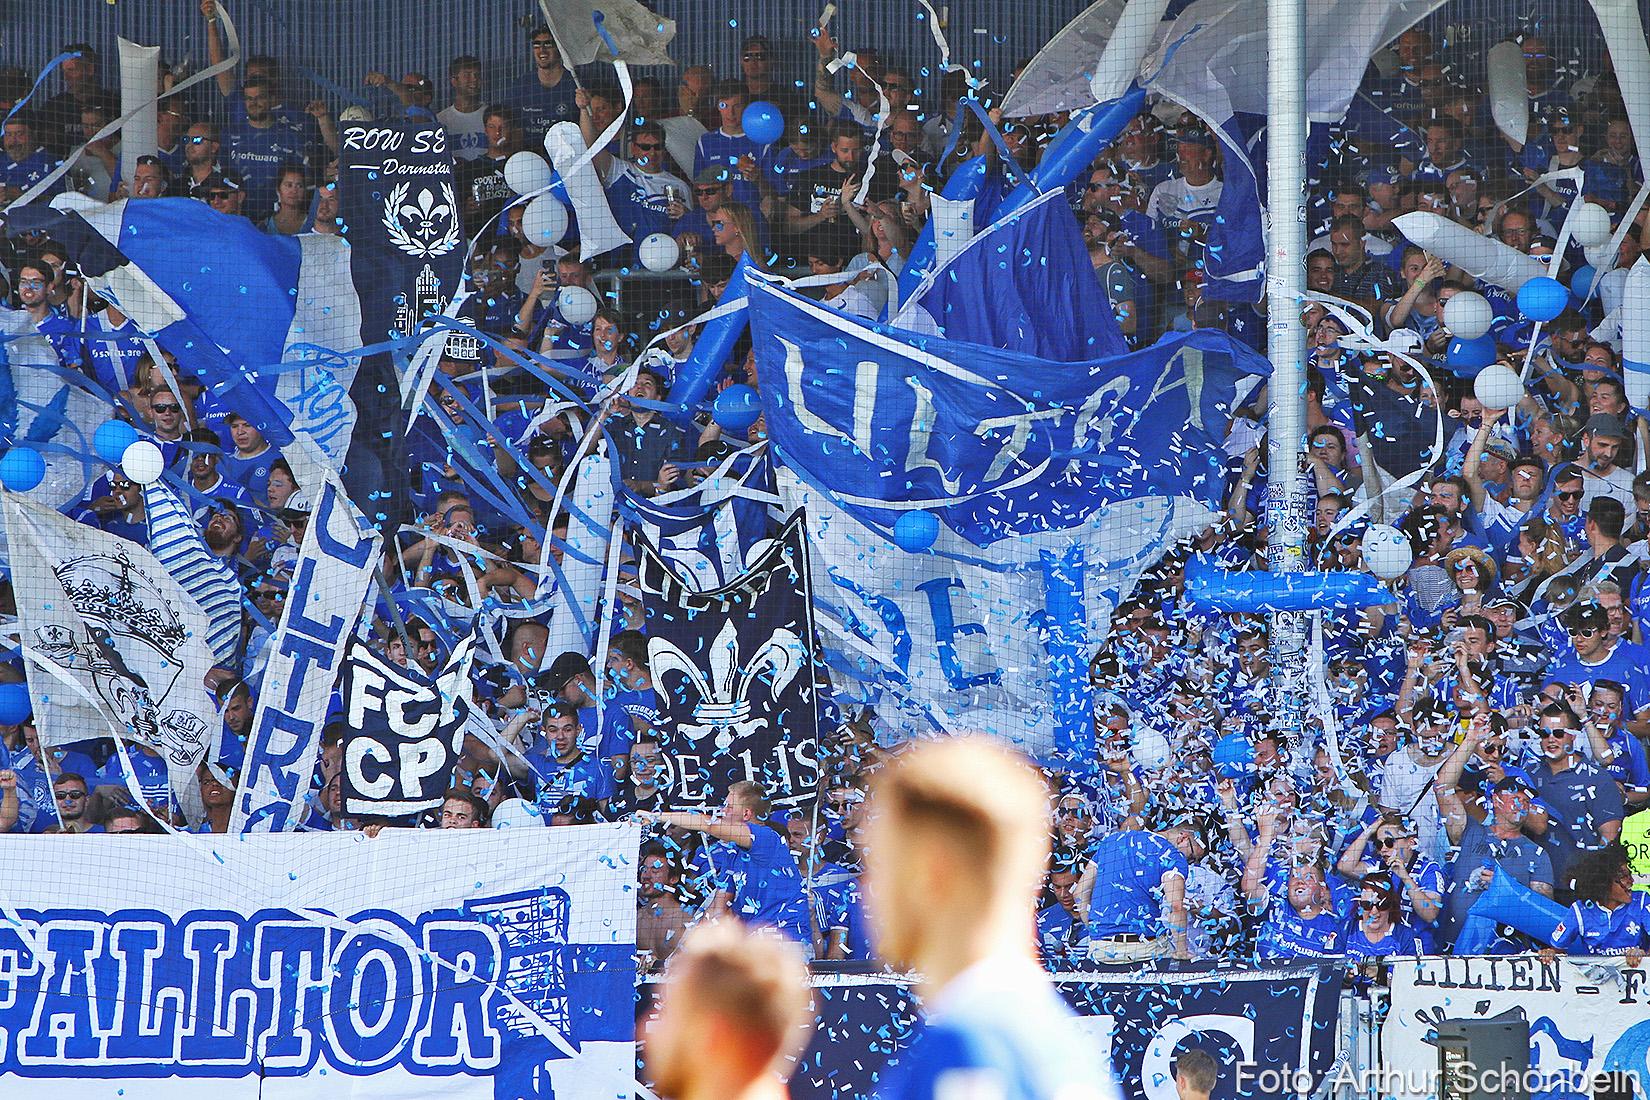 Lilien rechnen mit 800 mitgereisten Fans in Paderborn